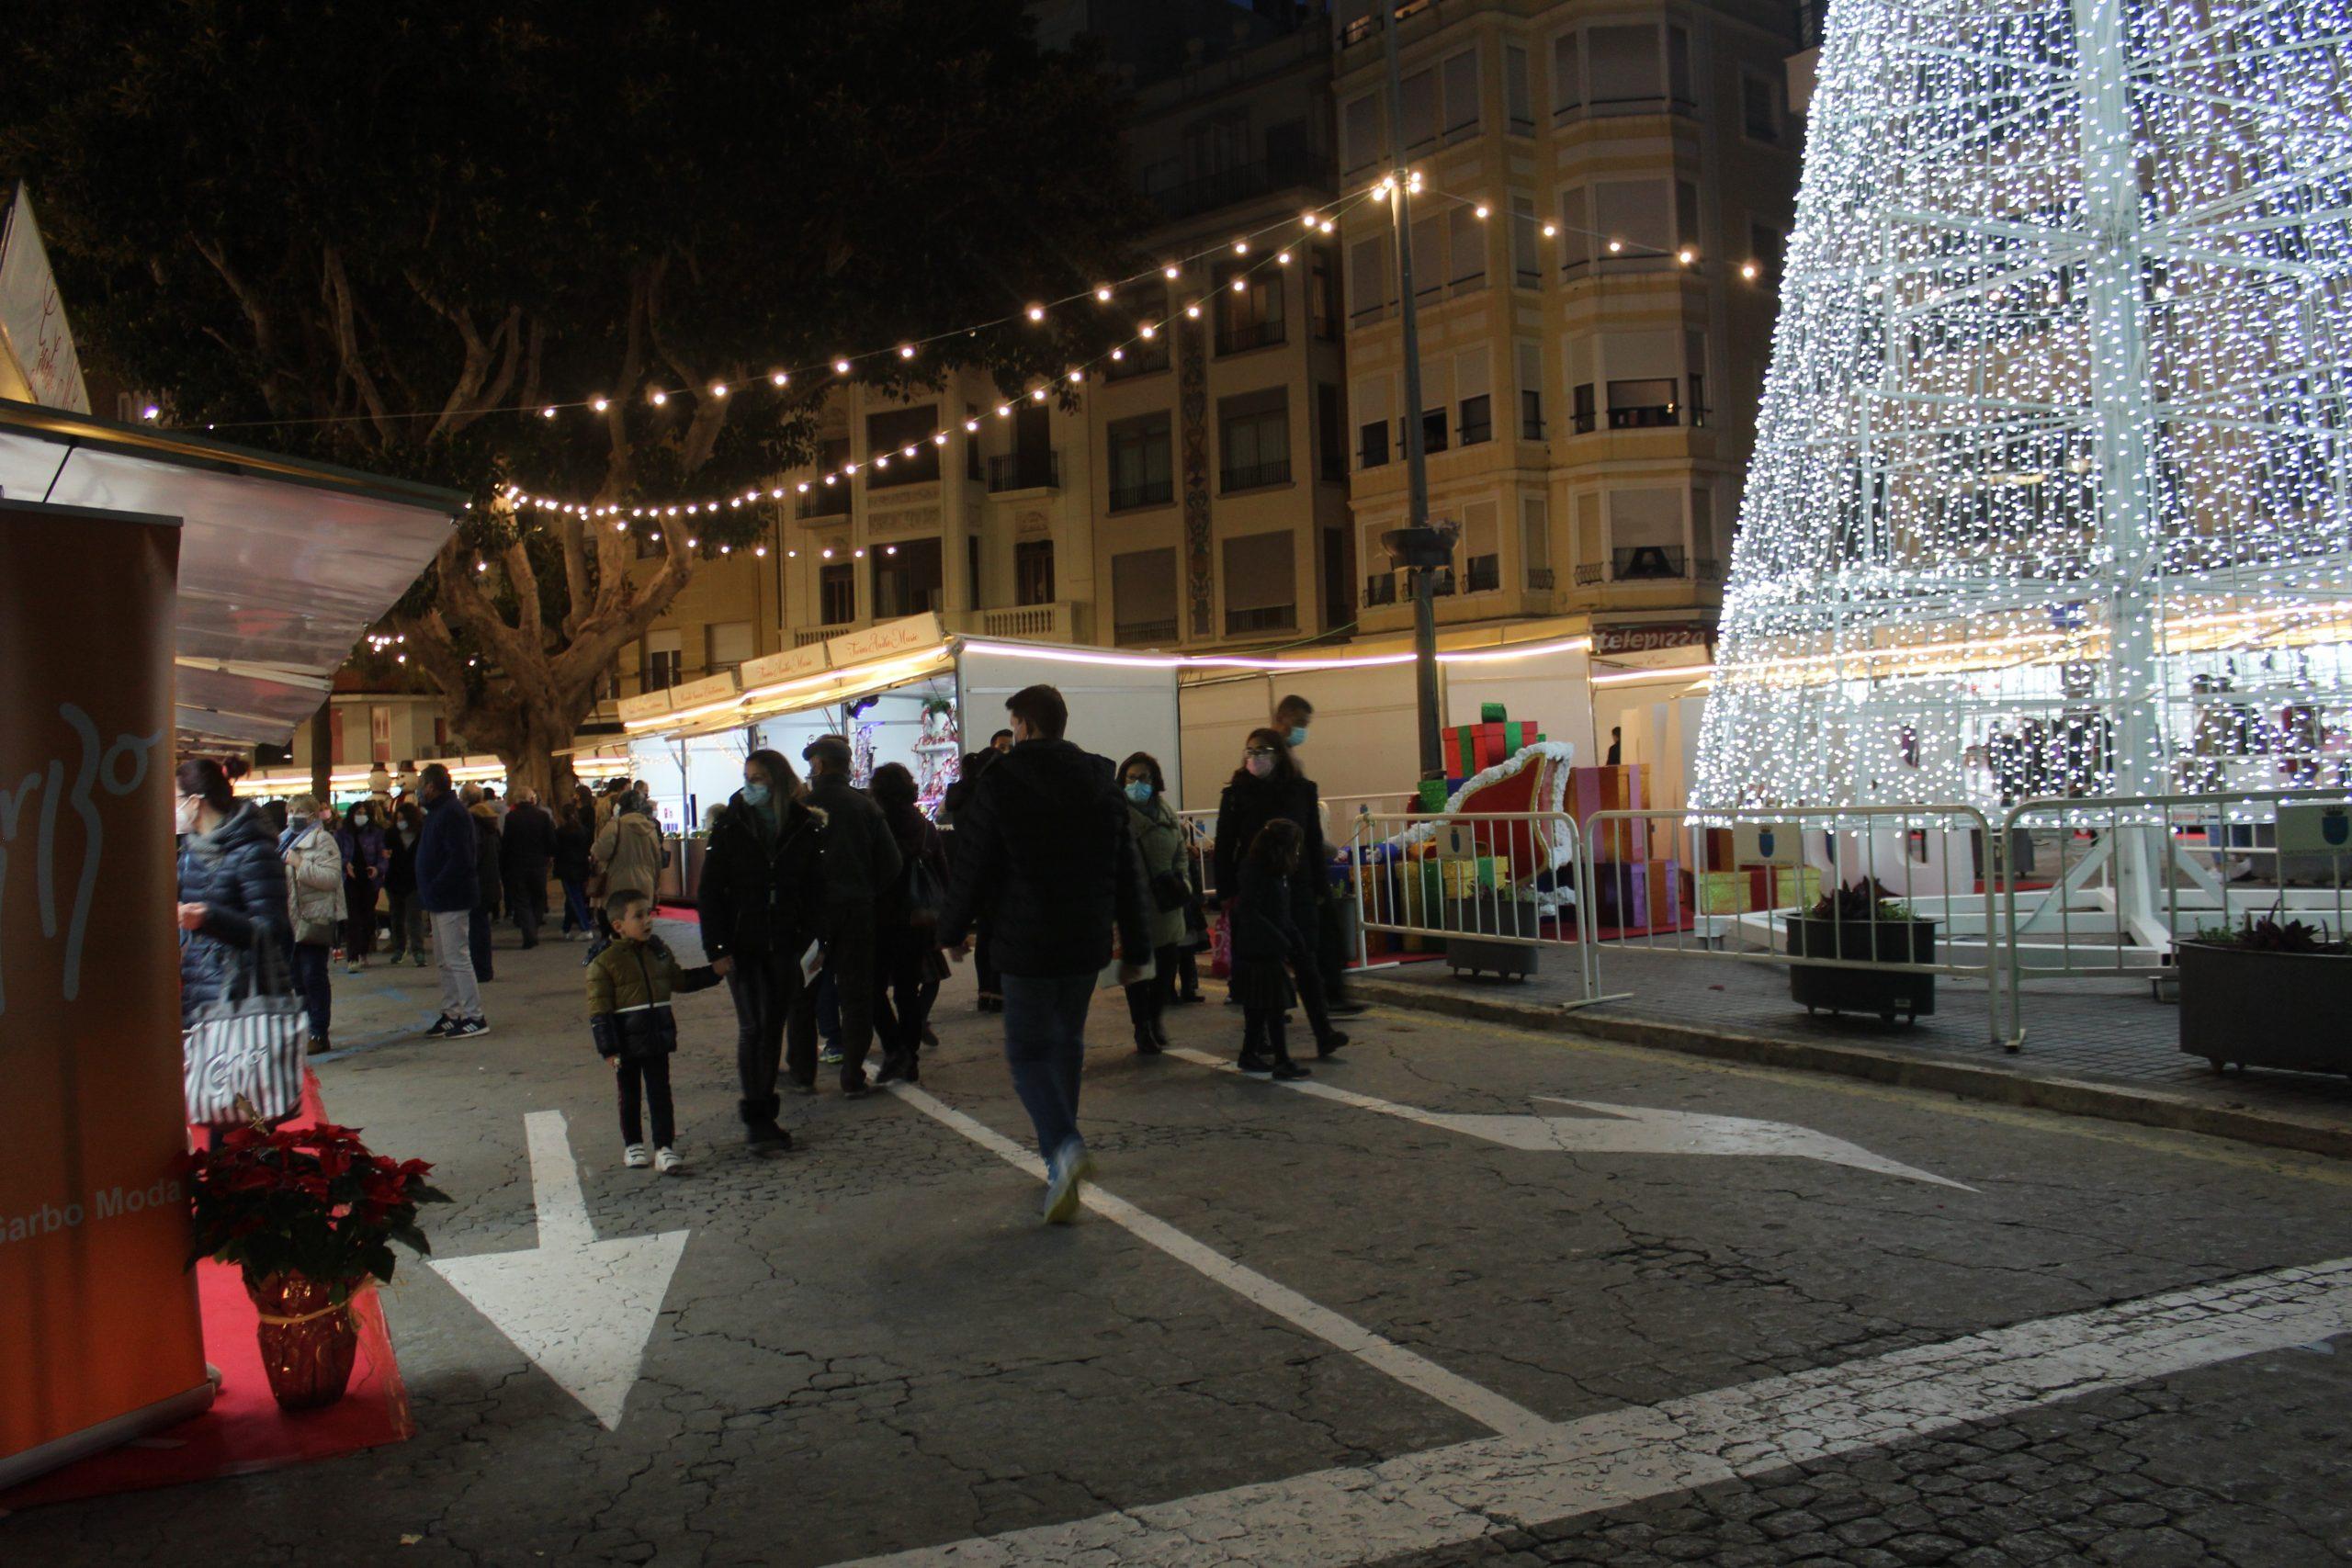 Burriana convoca un concurso navideño de escaparates y decoración de interiores comerciales con 18 premios